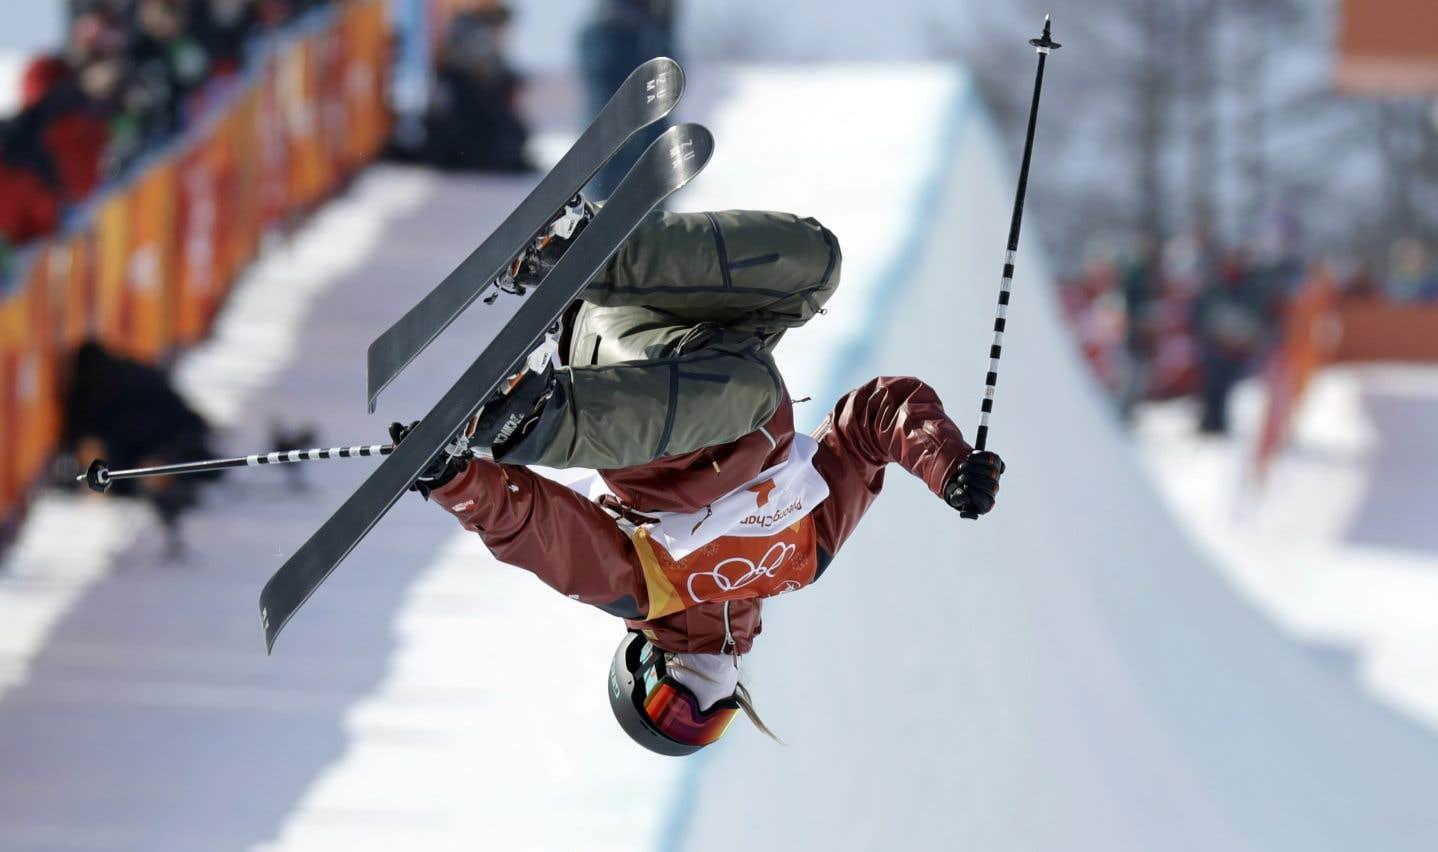 La skieuse canadienne Cassie Sharpe durant l'épreuve de demi-lune qui lui a valu l'or, mardi, en Corée du Sud.